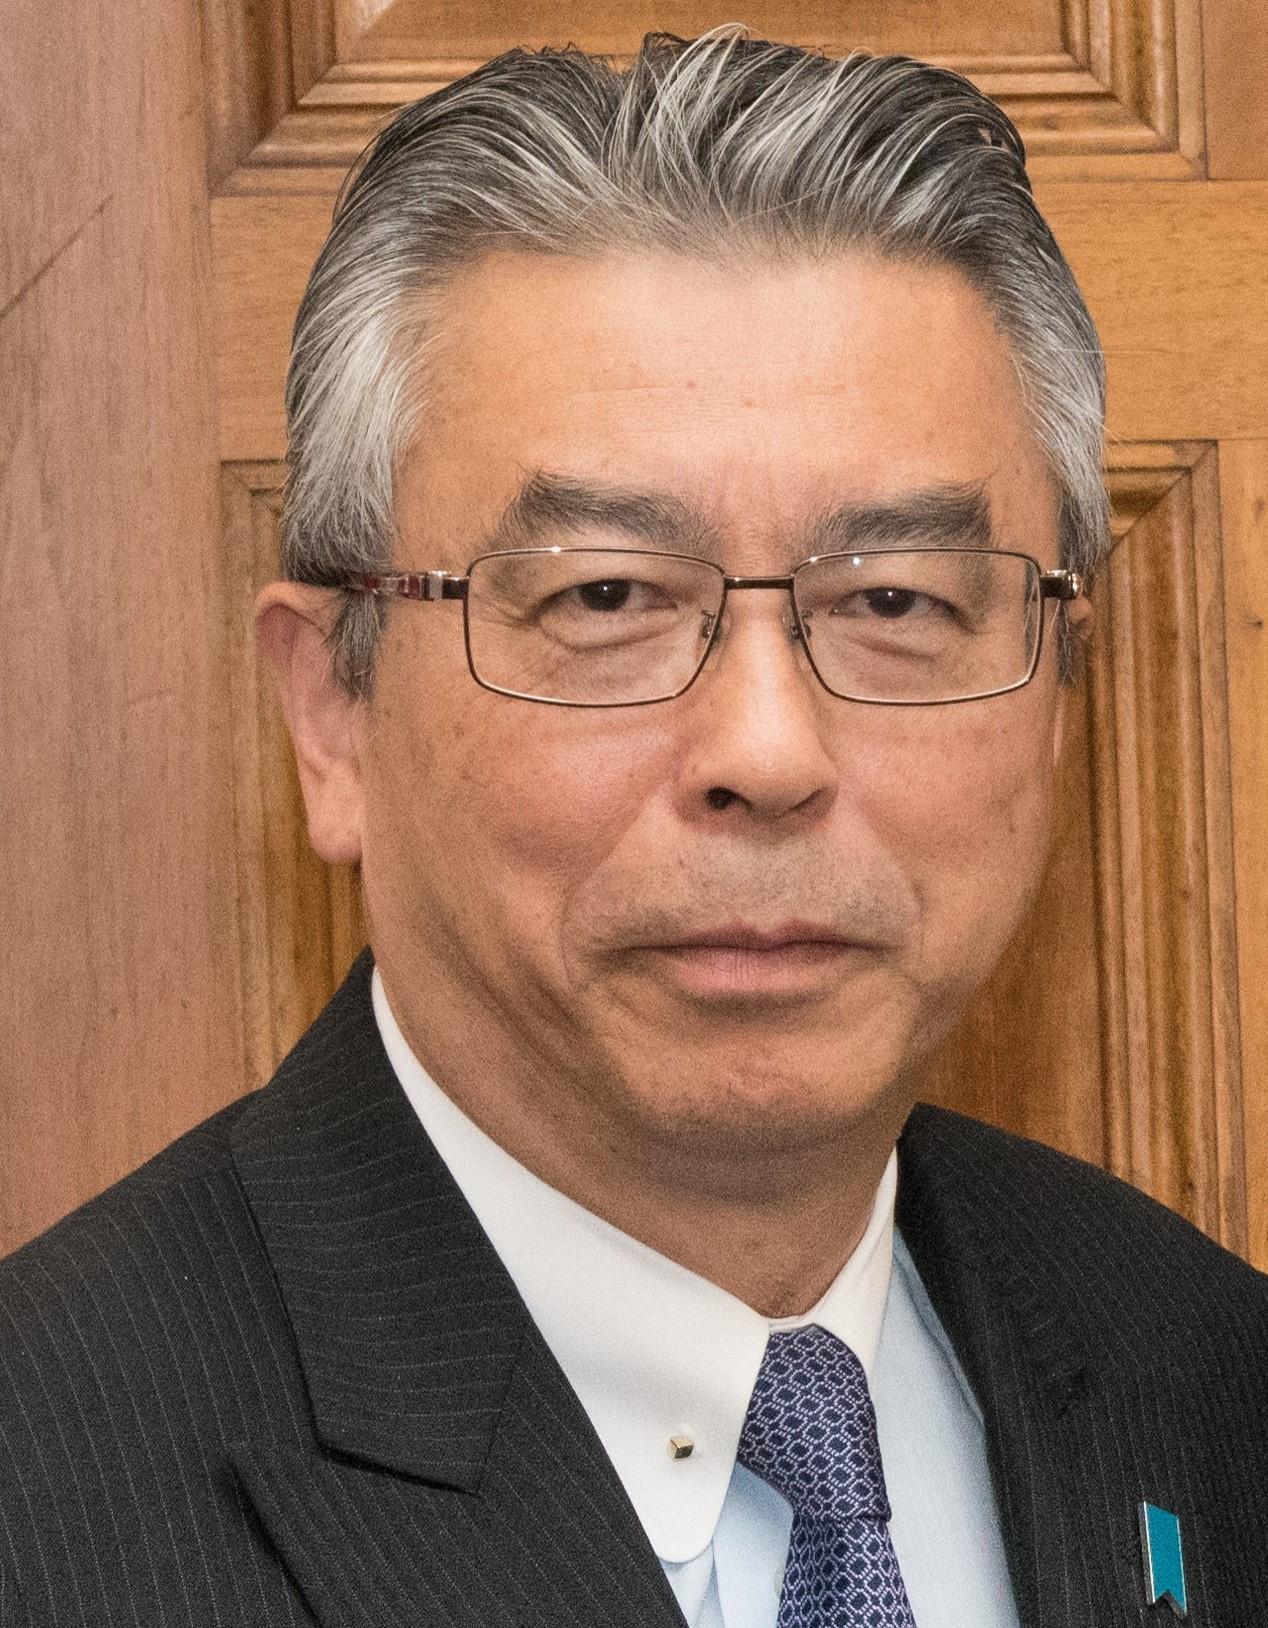 杉山晋輔 - Wikipedia